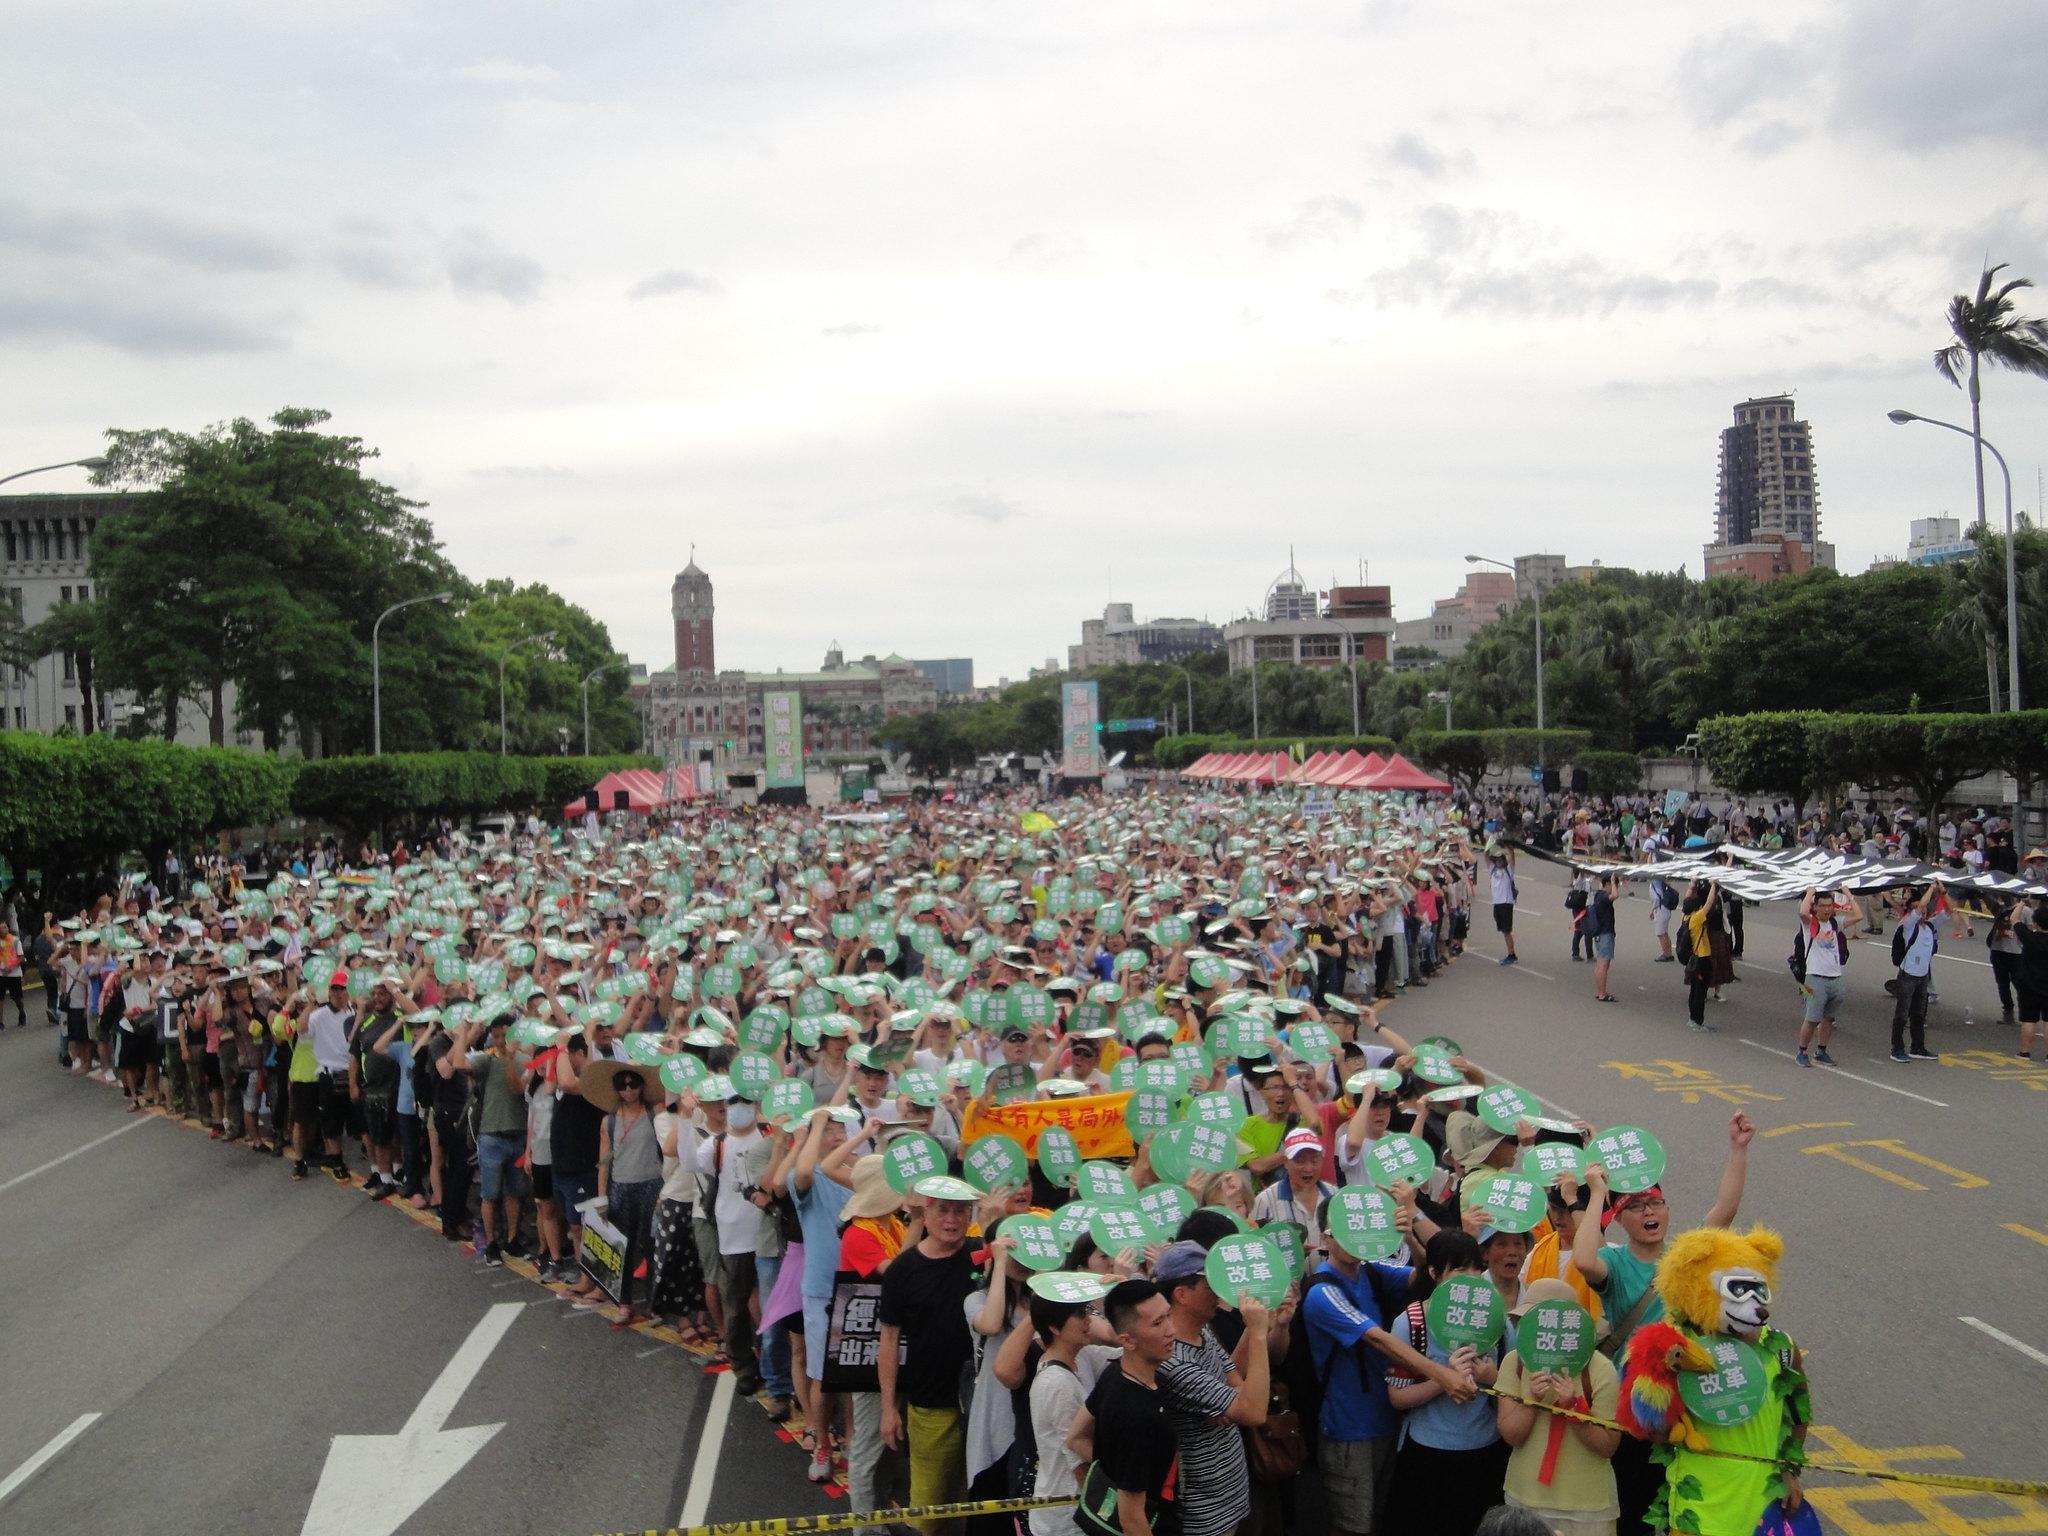 遊行群眾在凱道排成台灣形狀,要總統「看見台灣」、搶救太魯閣。(攝影:張智琦)